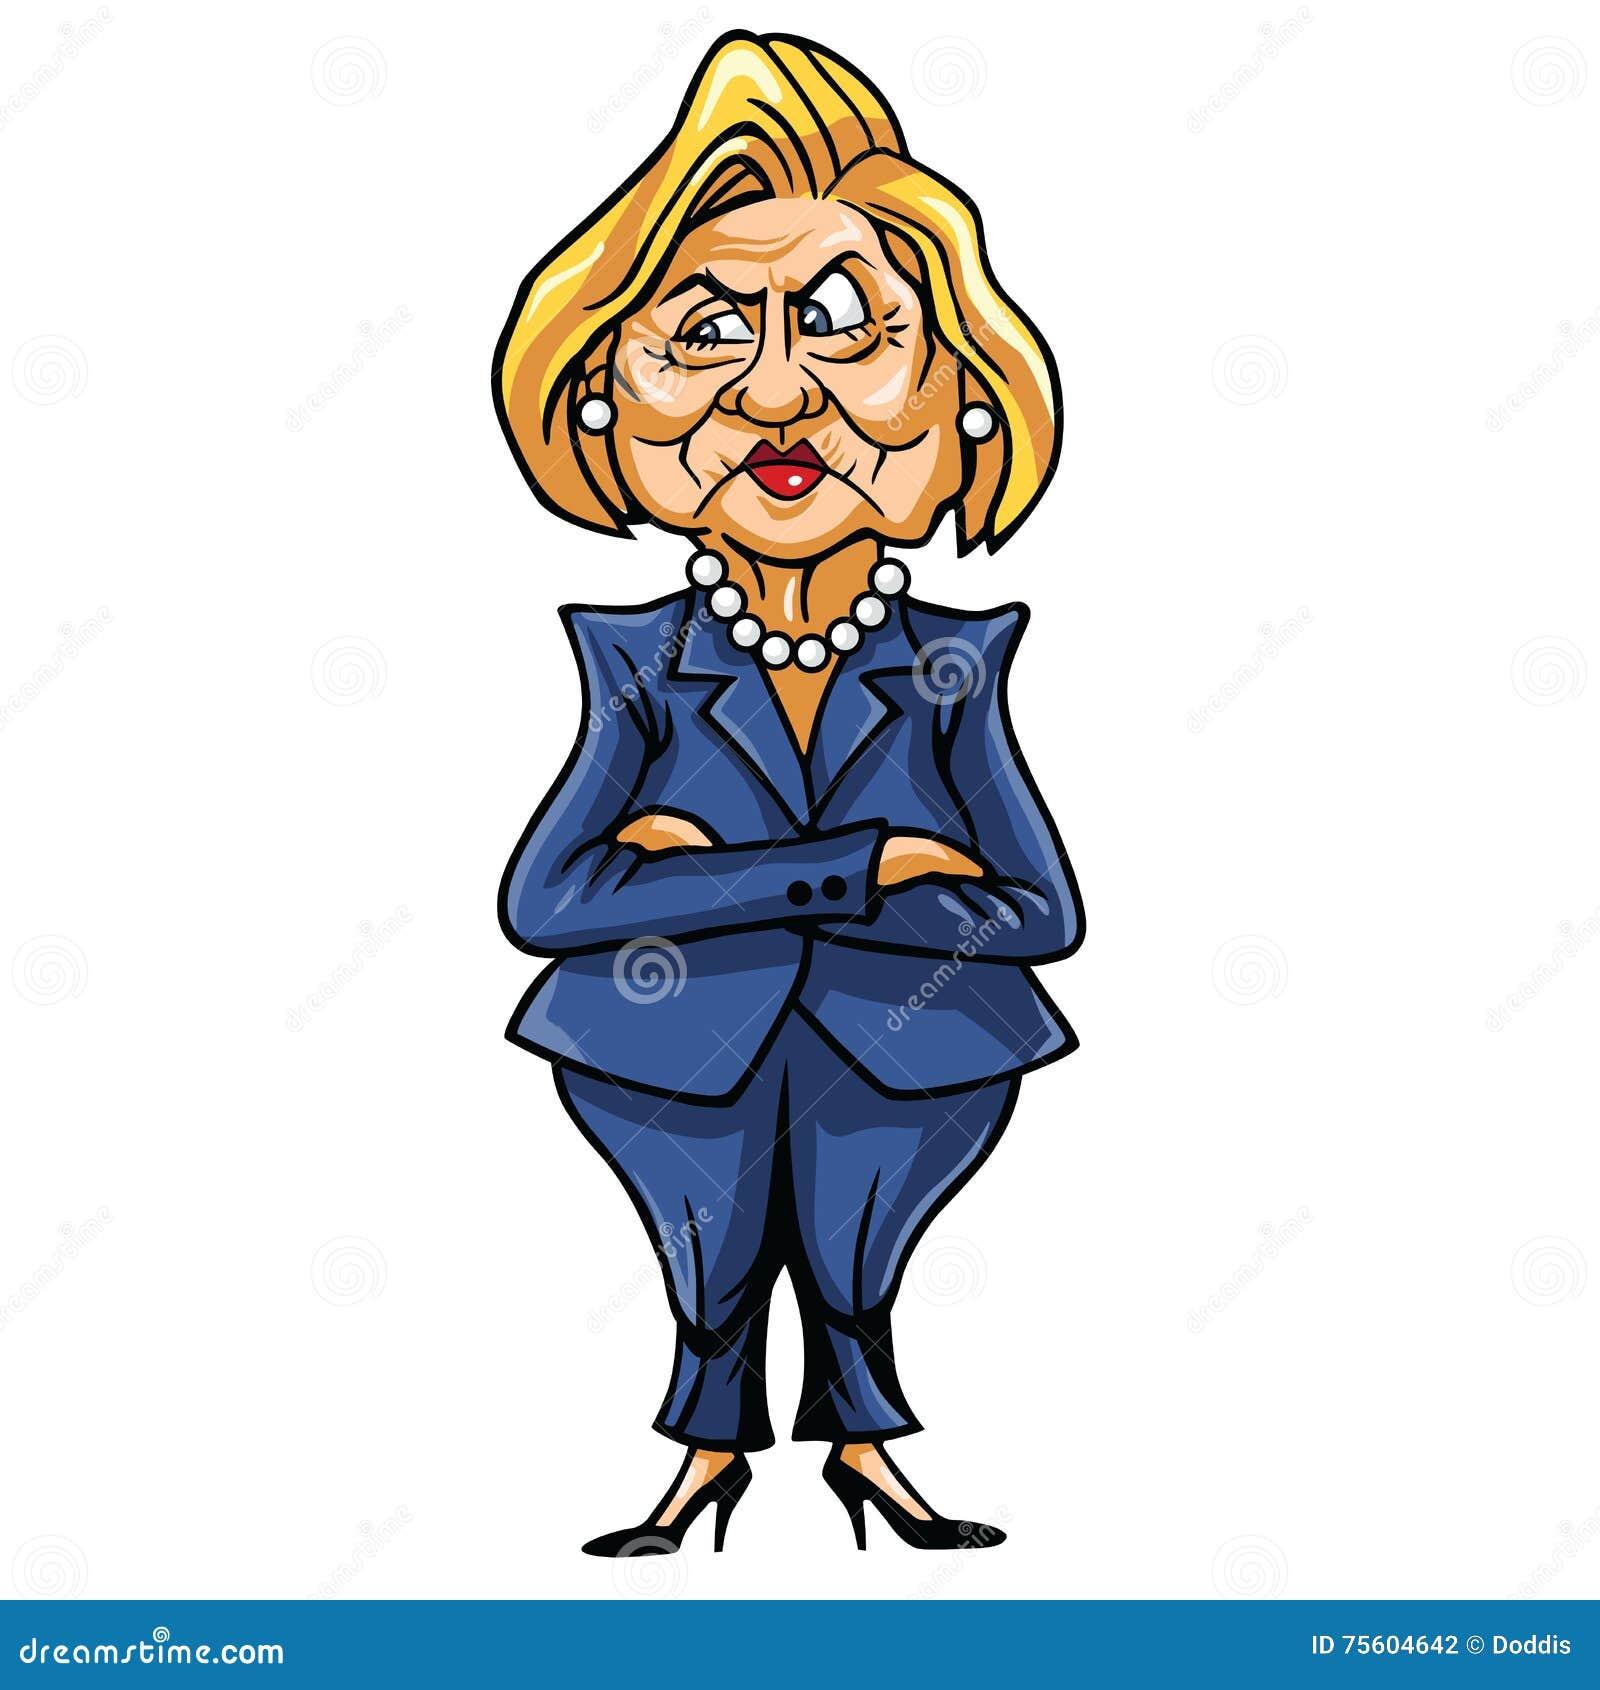 Caricatura de Hillary Clinton, candidato demócrata a la presidencia de Estados Unidos